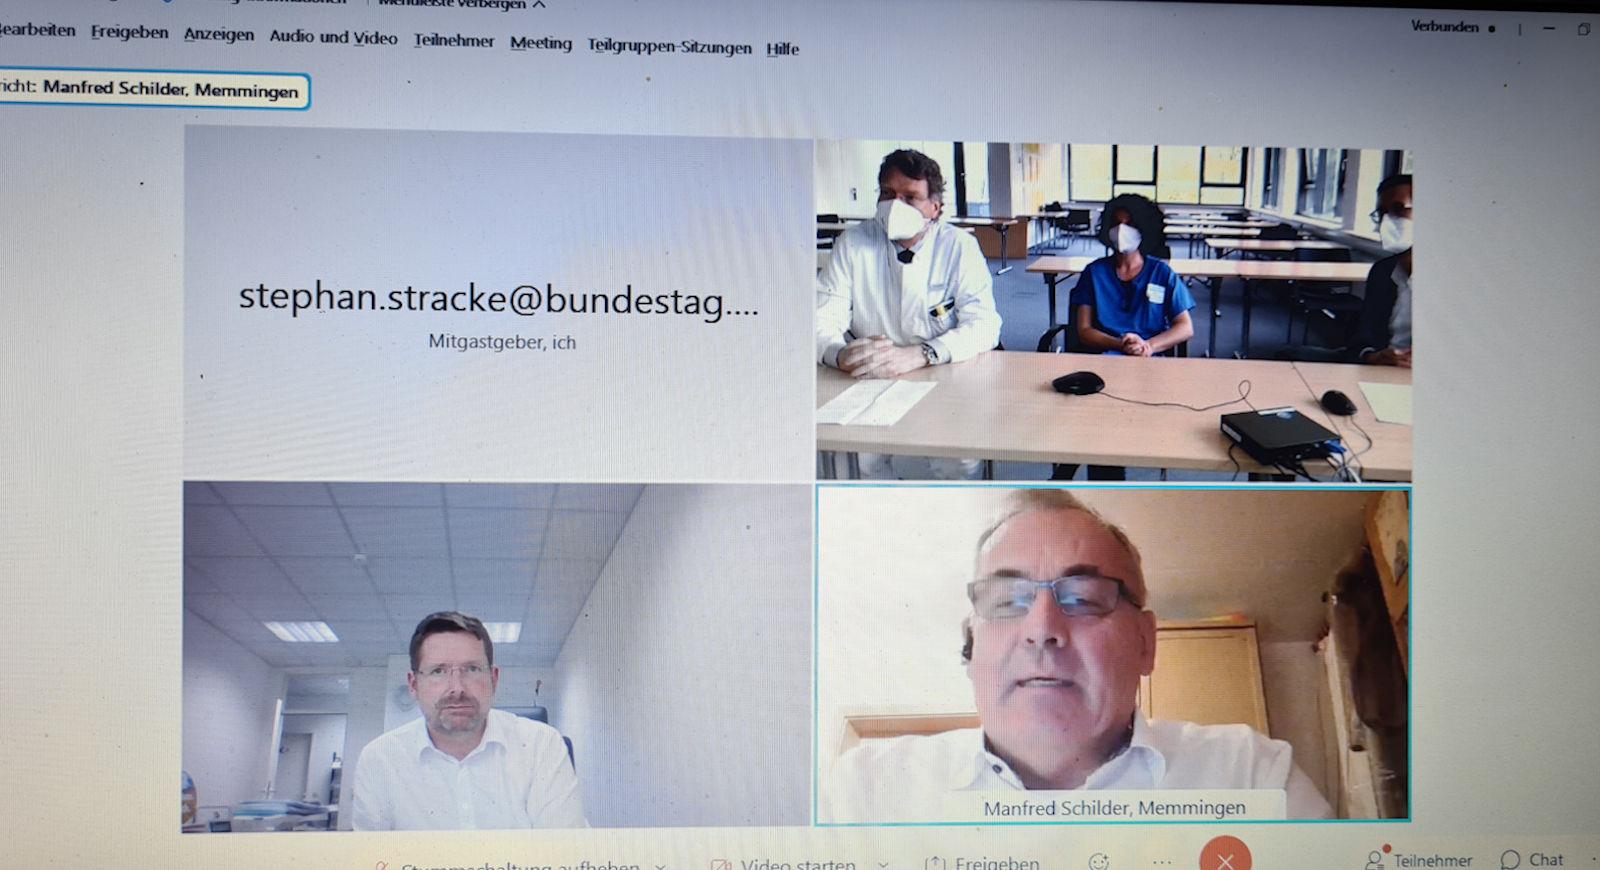 Über die Situation im Klinikum Memmingen tauschten sich Stephan Stracke und OB Manfred Schilder mit Vertretern des Klinikums aus.